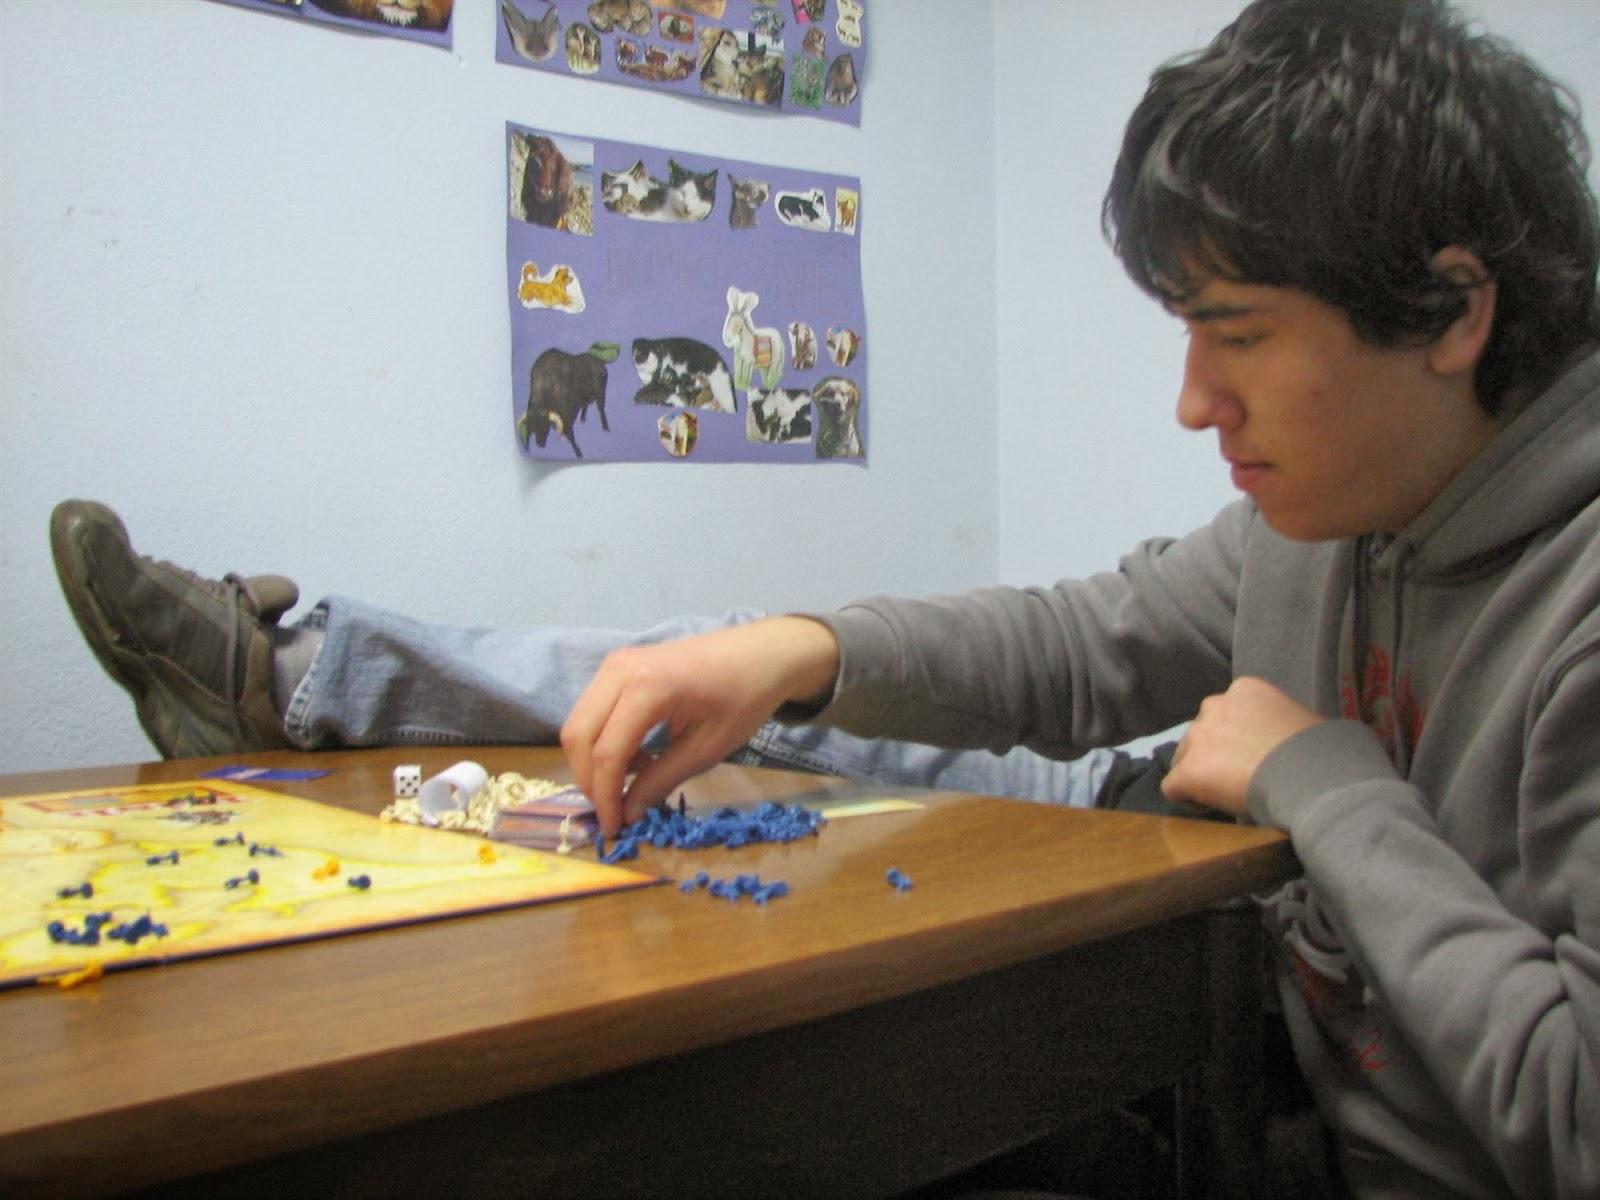 Večer družabnih iger, Ilirska Bistrica 2006 - vecer%2Bdruzabnih%2Biger%2B06%2B020.jpg